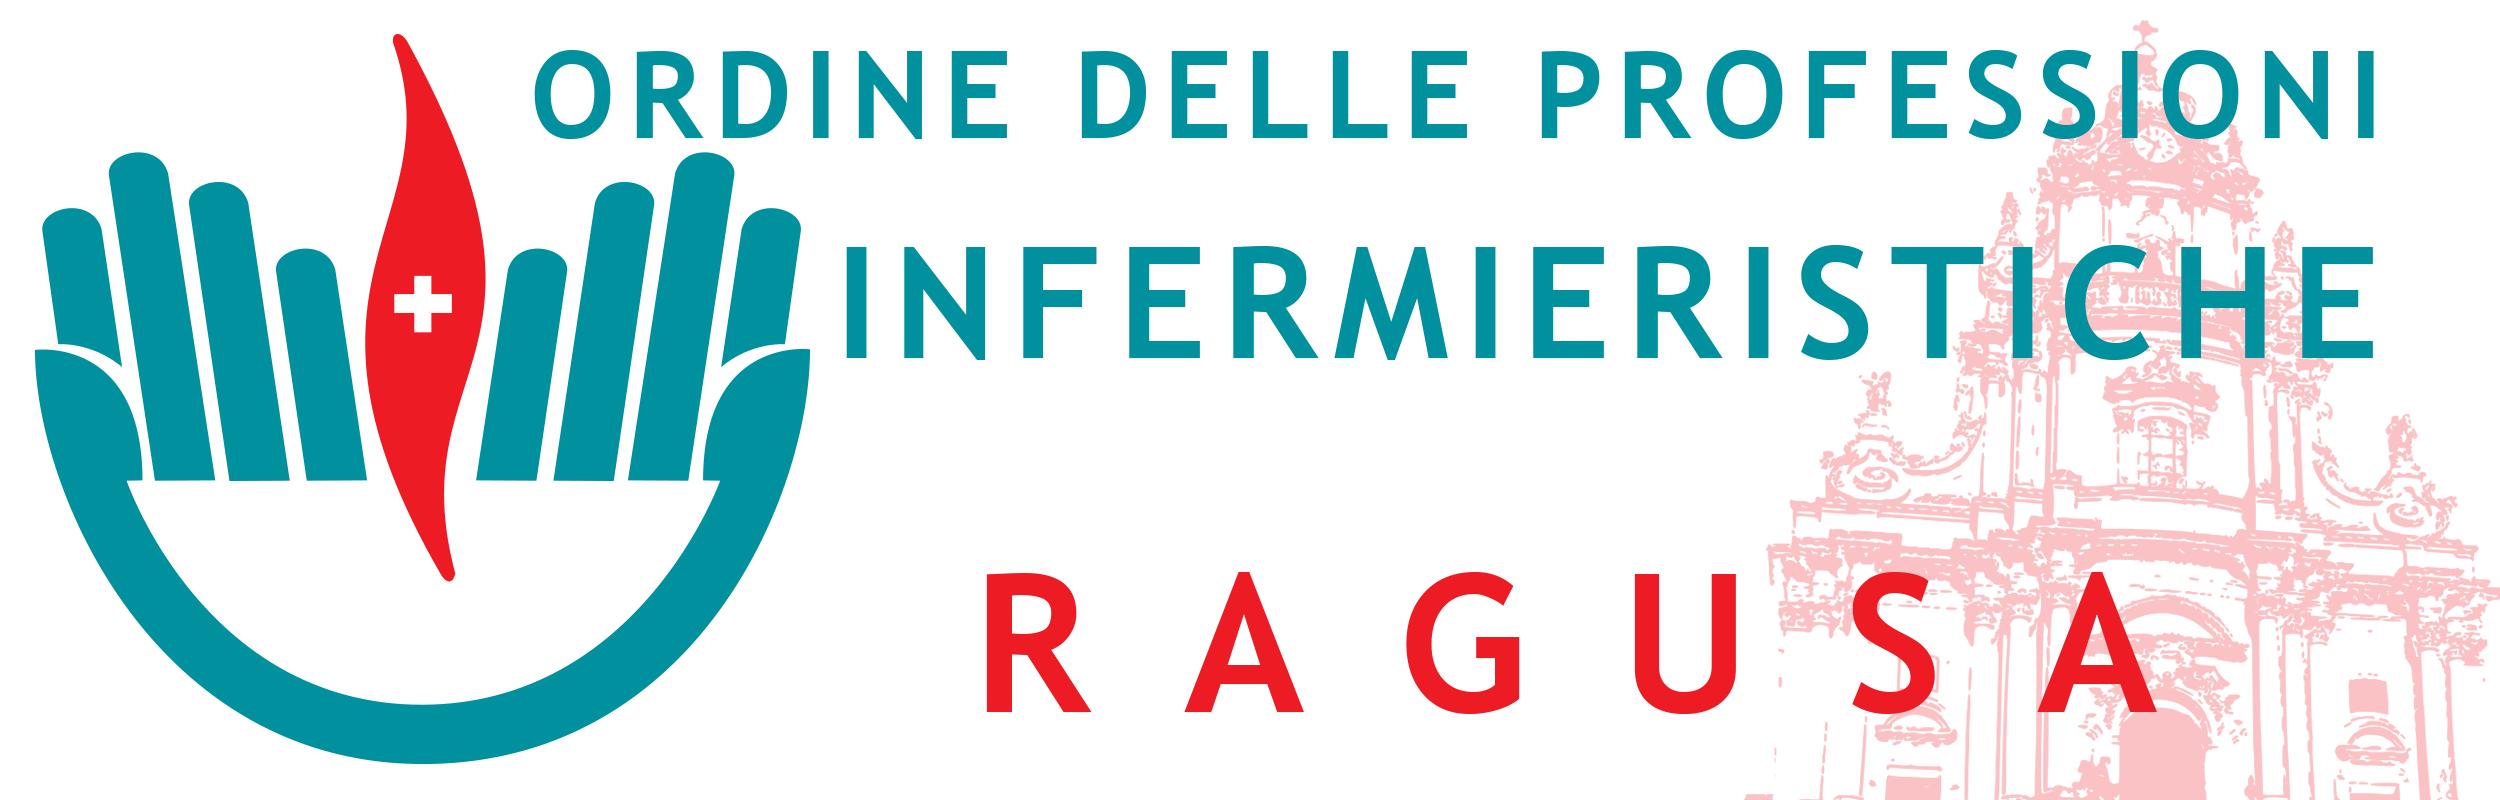 Ordine delle Professioni Infermieristiche di Ragusa